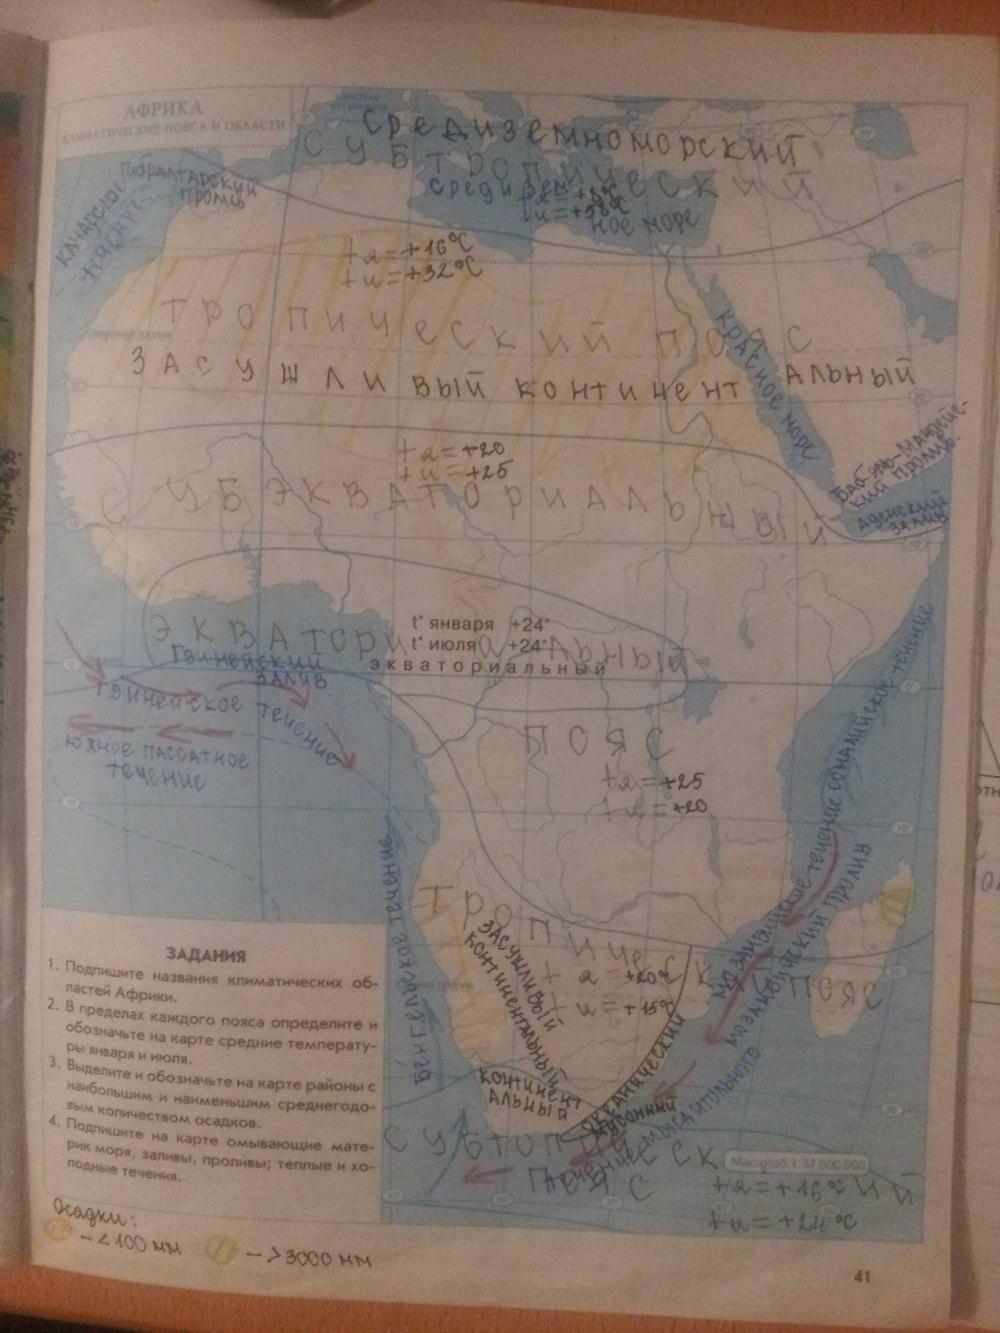 гдз по рабочей тетради по географии 7 класс в.и. сиротин